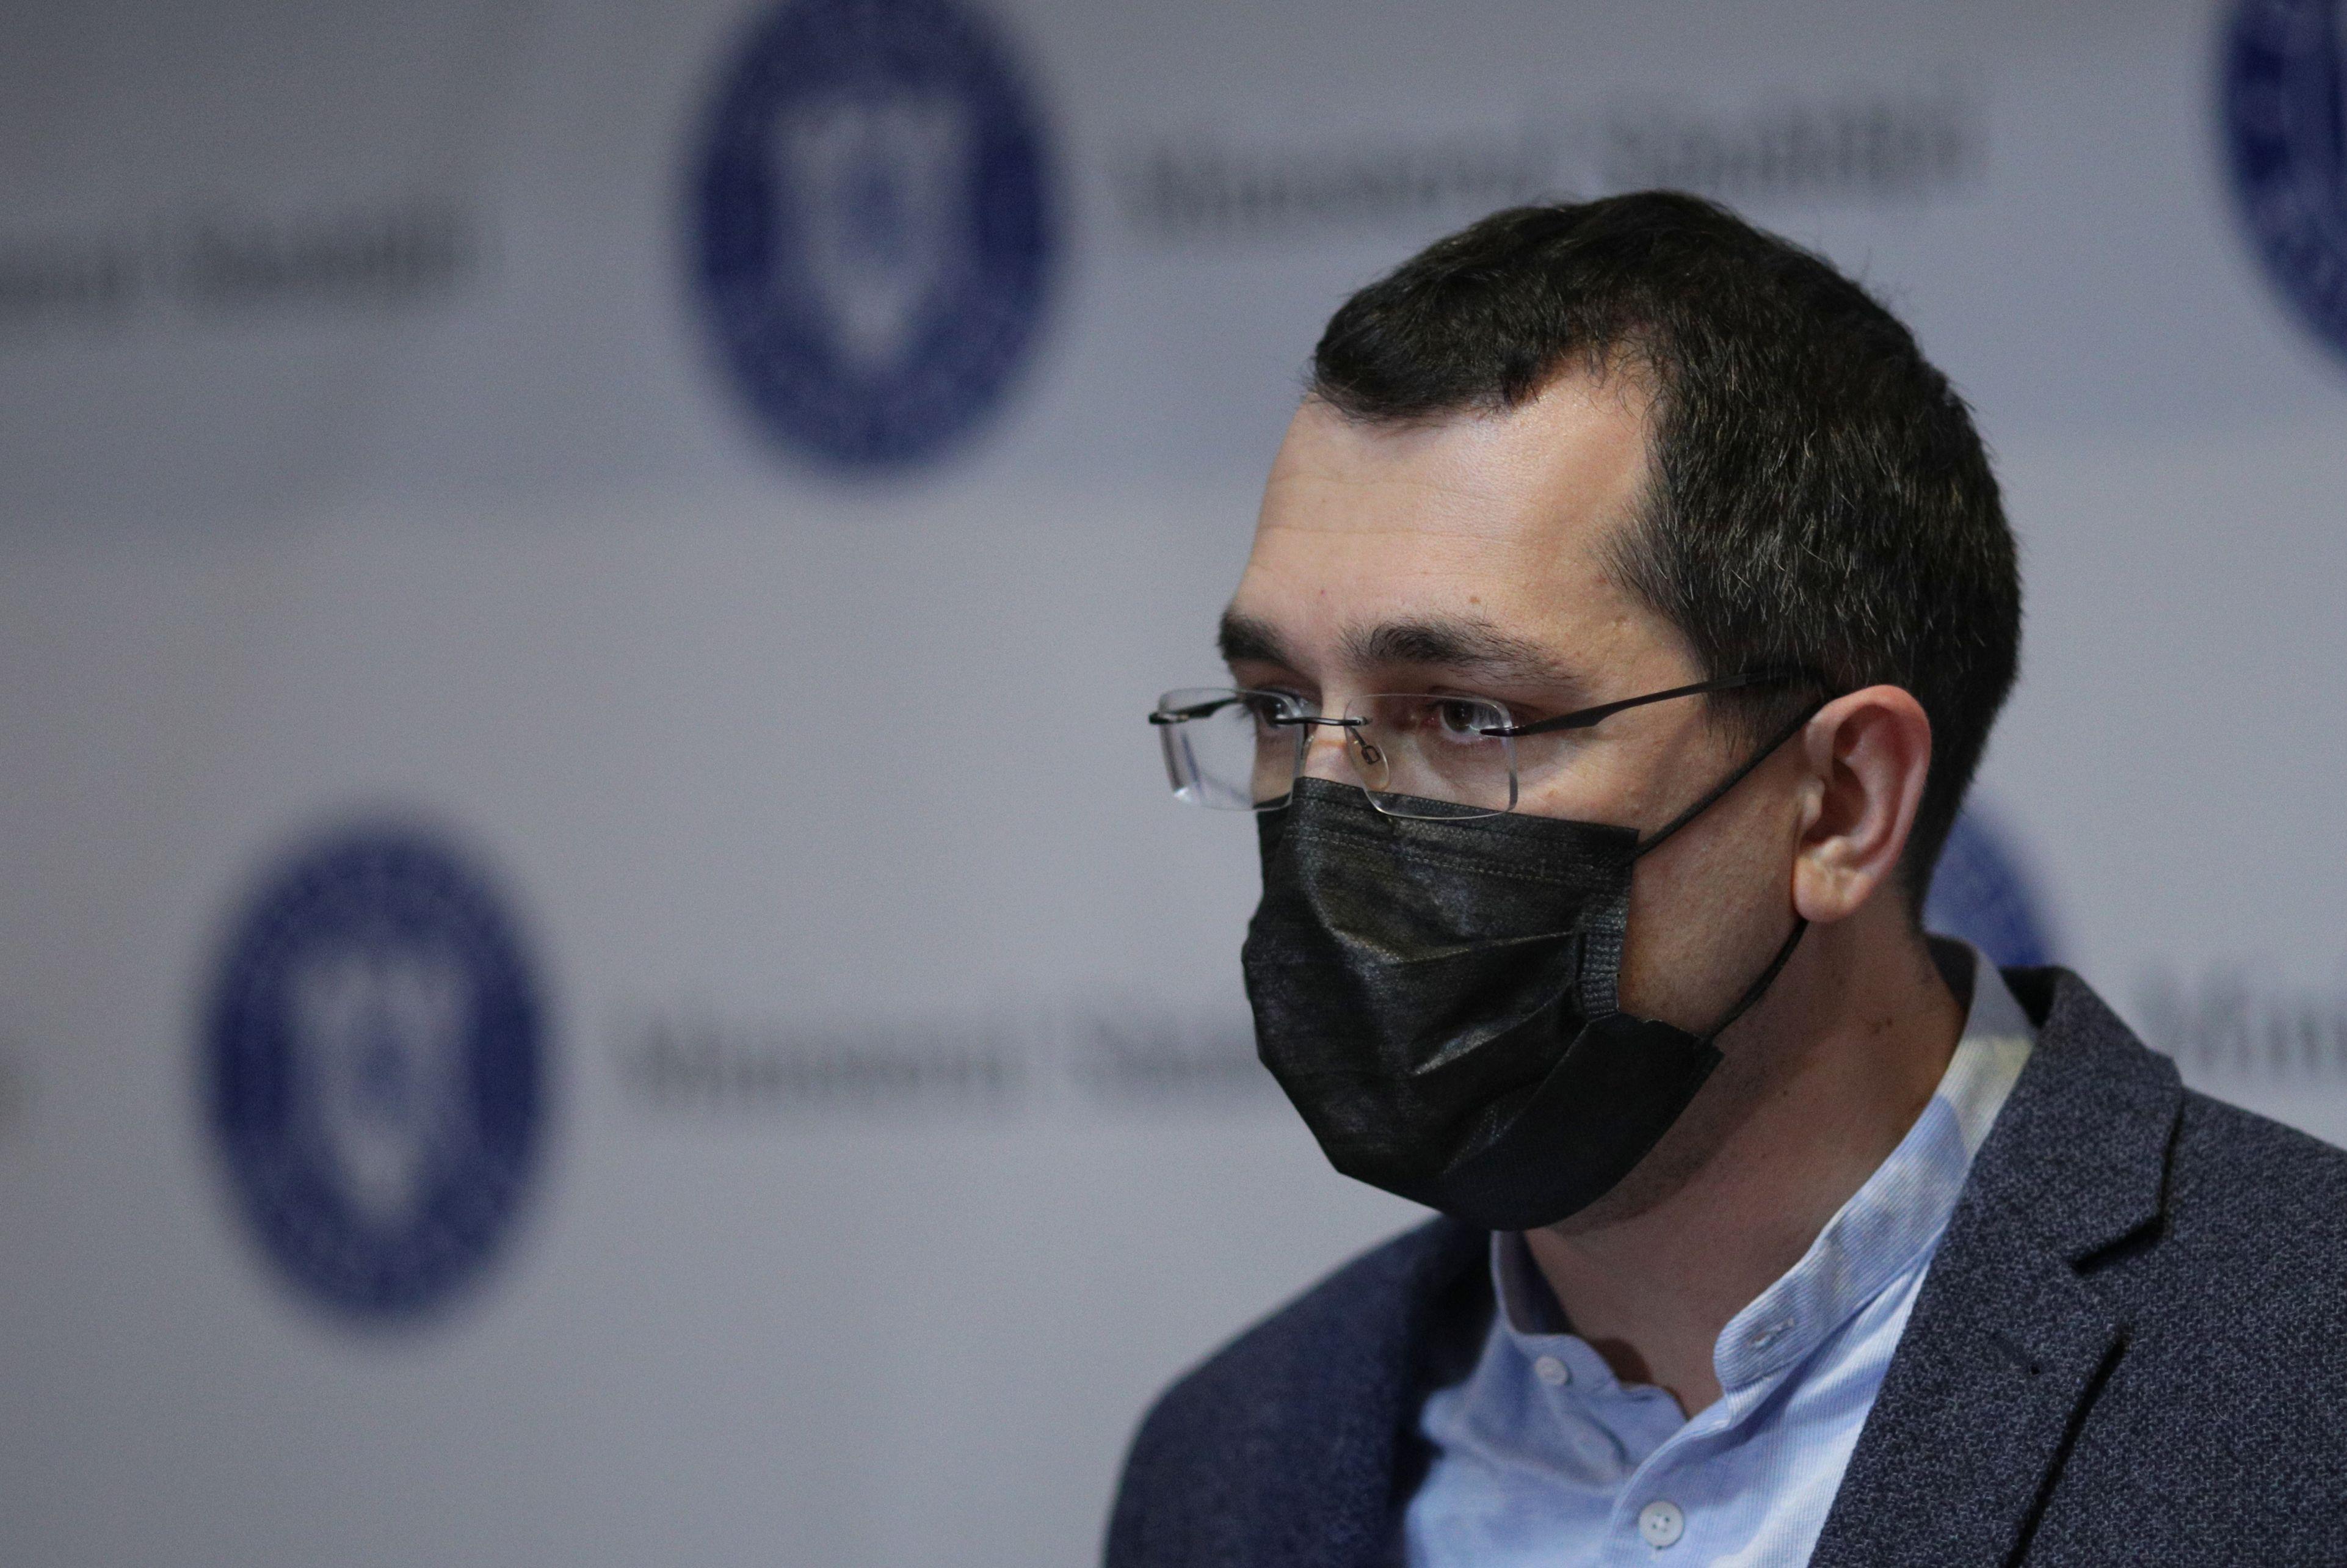 Bugetul post-pandemie. Ministerul Sănătății va avea fonduri semnificativ reduse în 2021